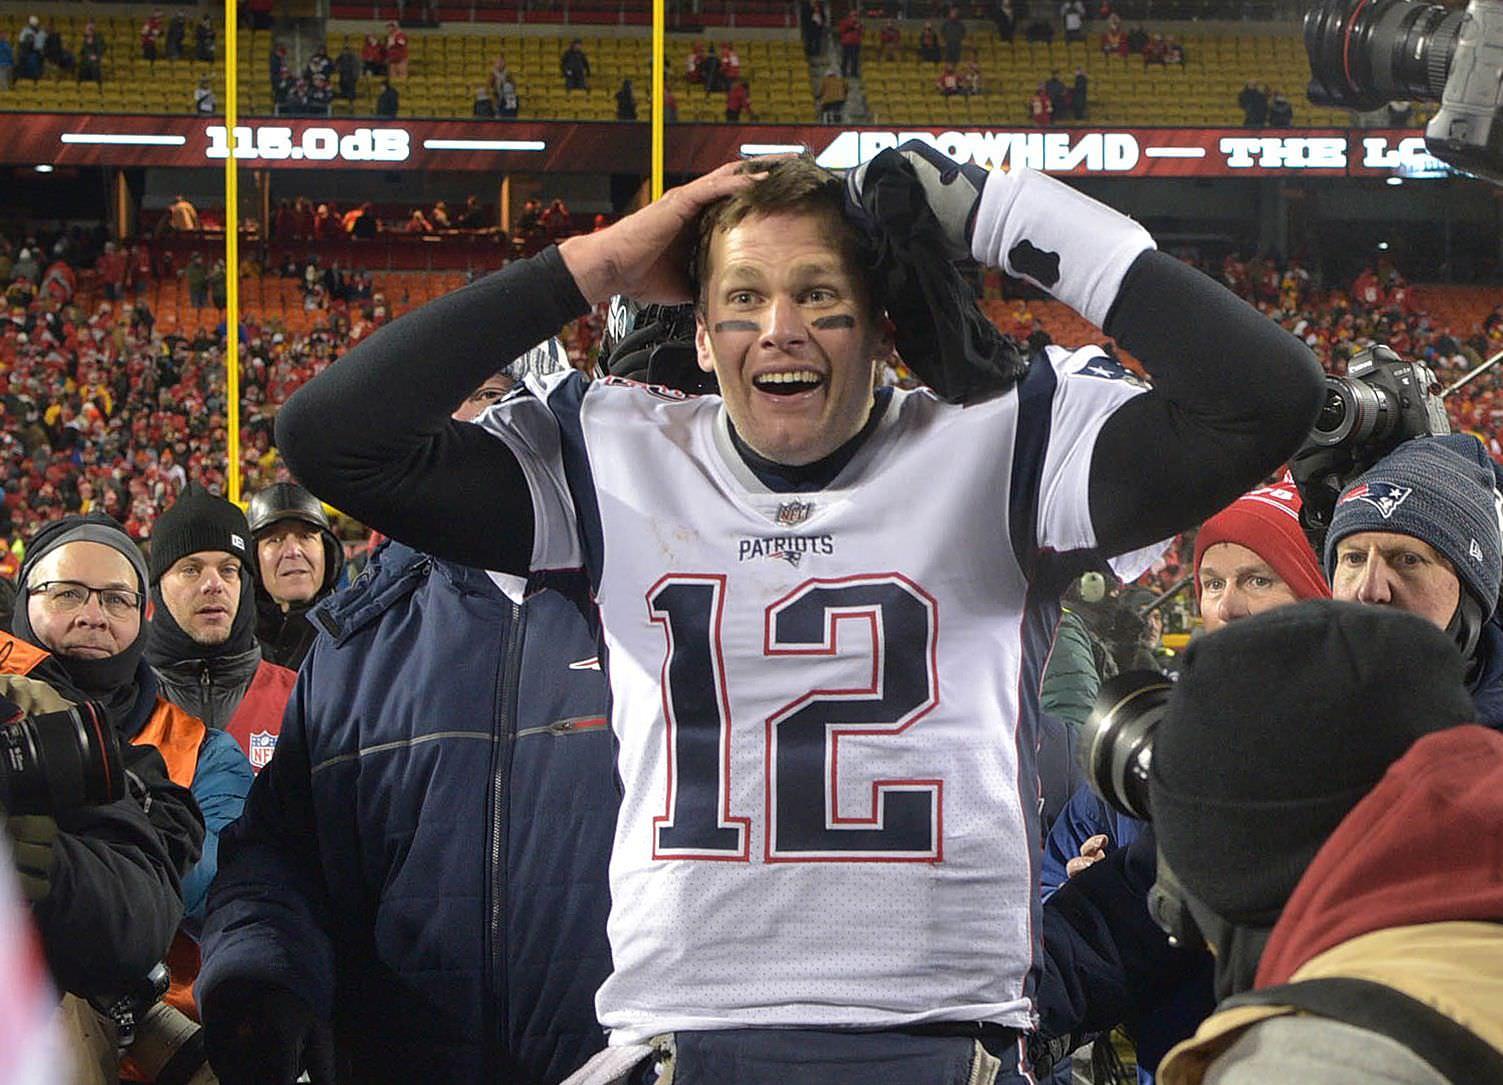 Superreacções no Campeonato da NFL: terríveis telefonemas, drama incrível, impulsionar Rams, Pats para o Super Bowl